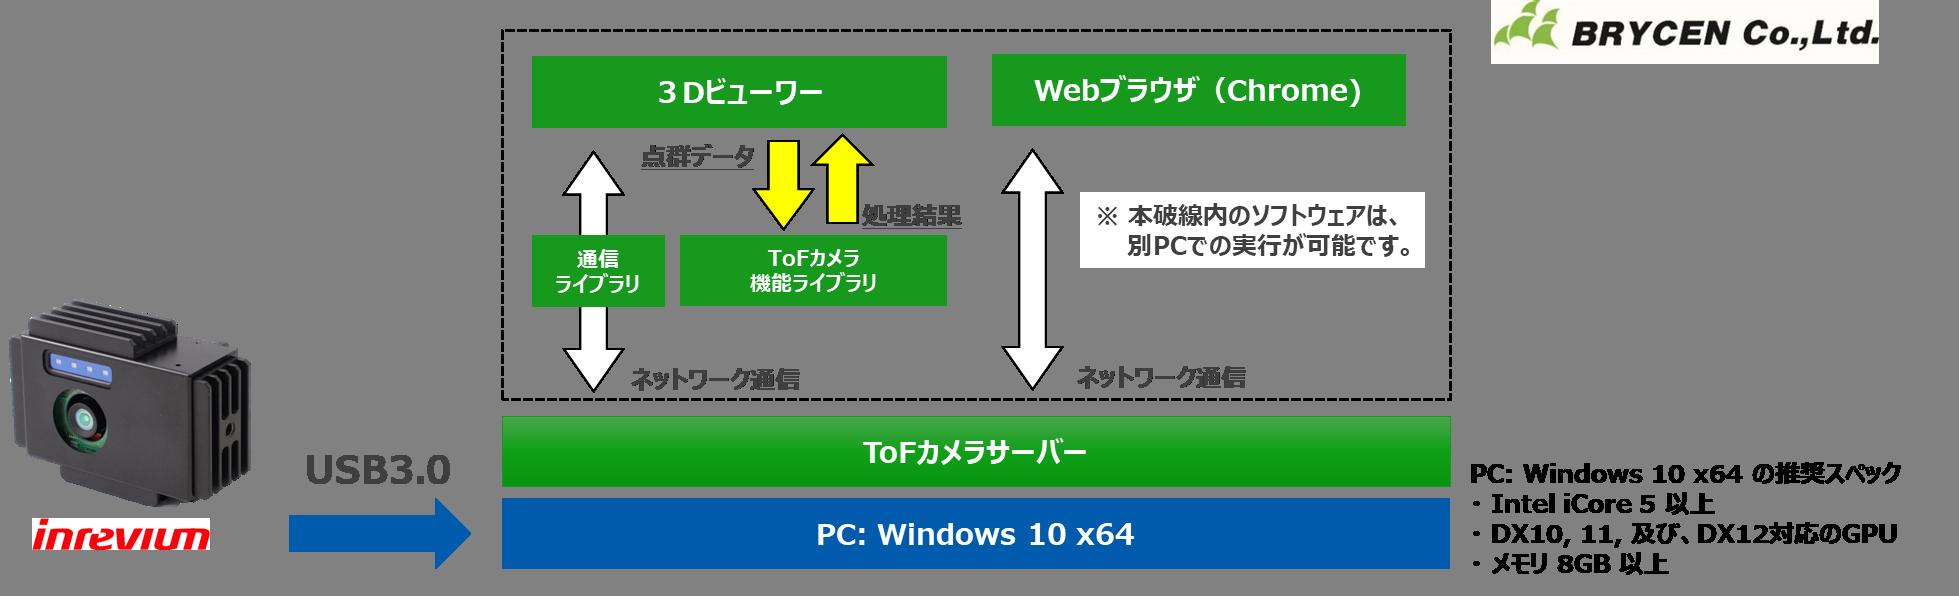 TFLibパッケージに含まれるソフトウェア